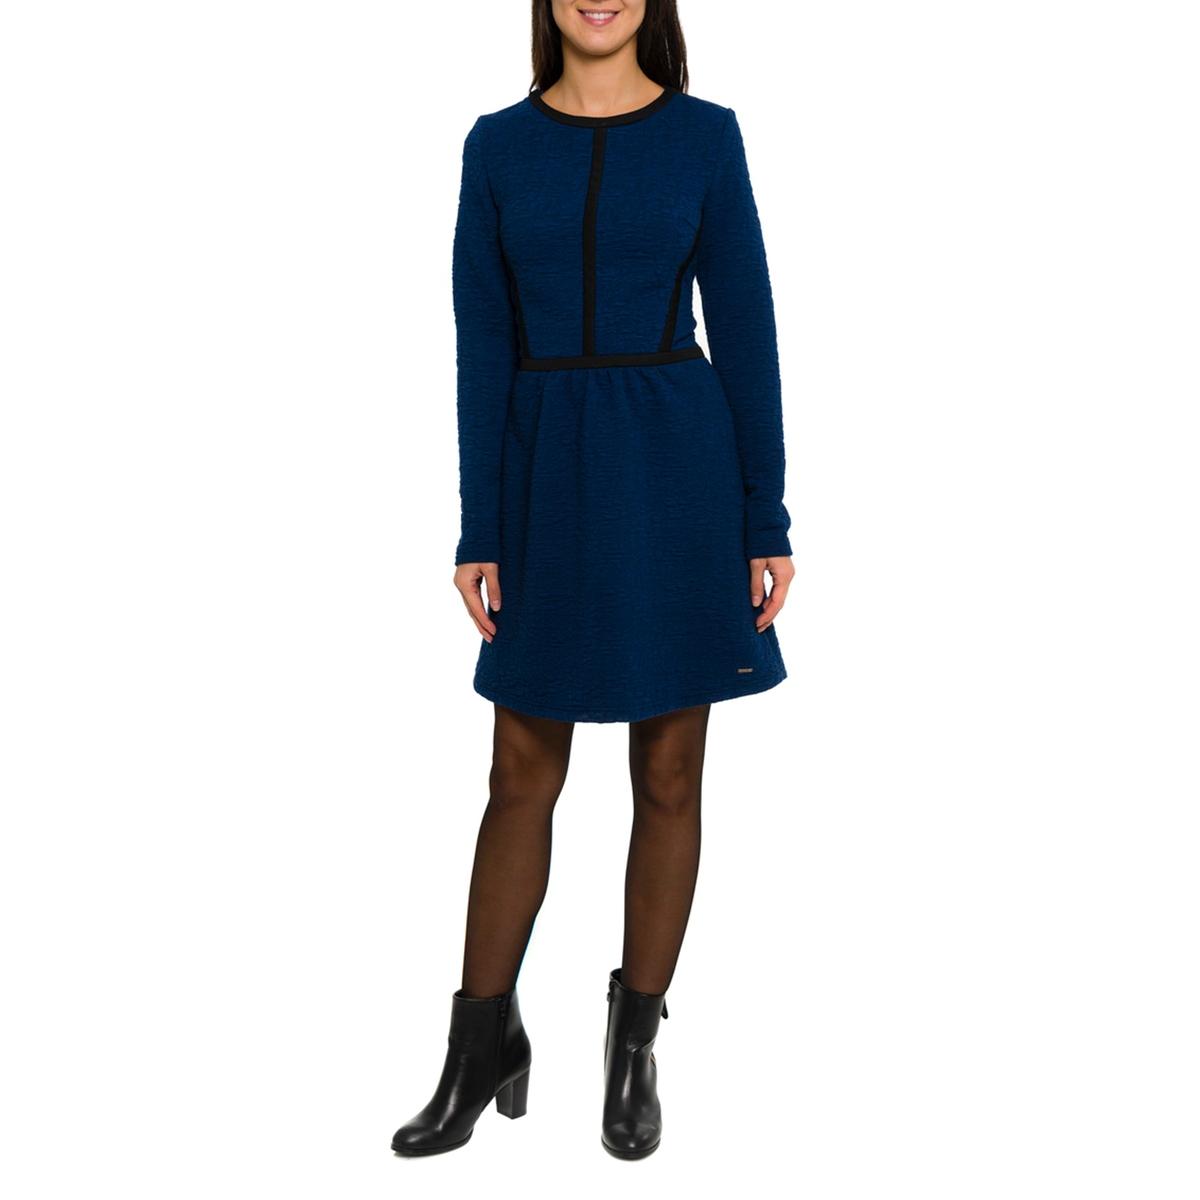 Платье с рисунком и длинными рукавамиПлатье PARAMITA. Цветочный принт. Рубашечный воротник. Пояс на завязках.          Состав и описание:Материал: 100% вискозы.     Марка: PARAMITA.<br><br>Цвет: темно-синий<br>Размер: M